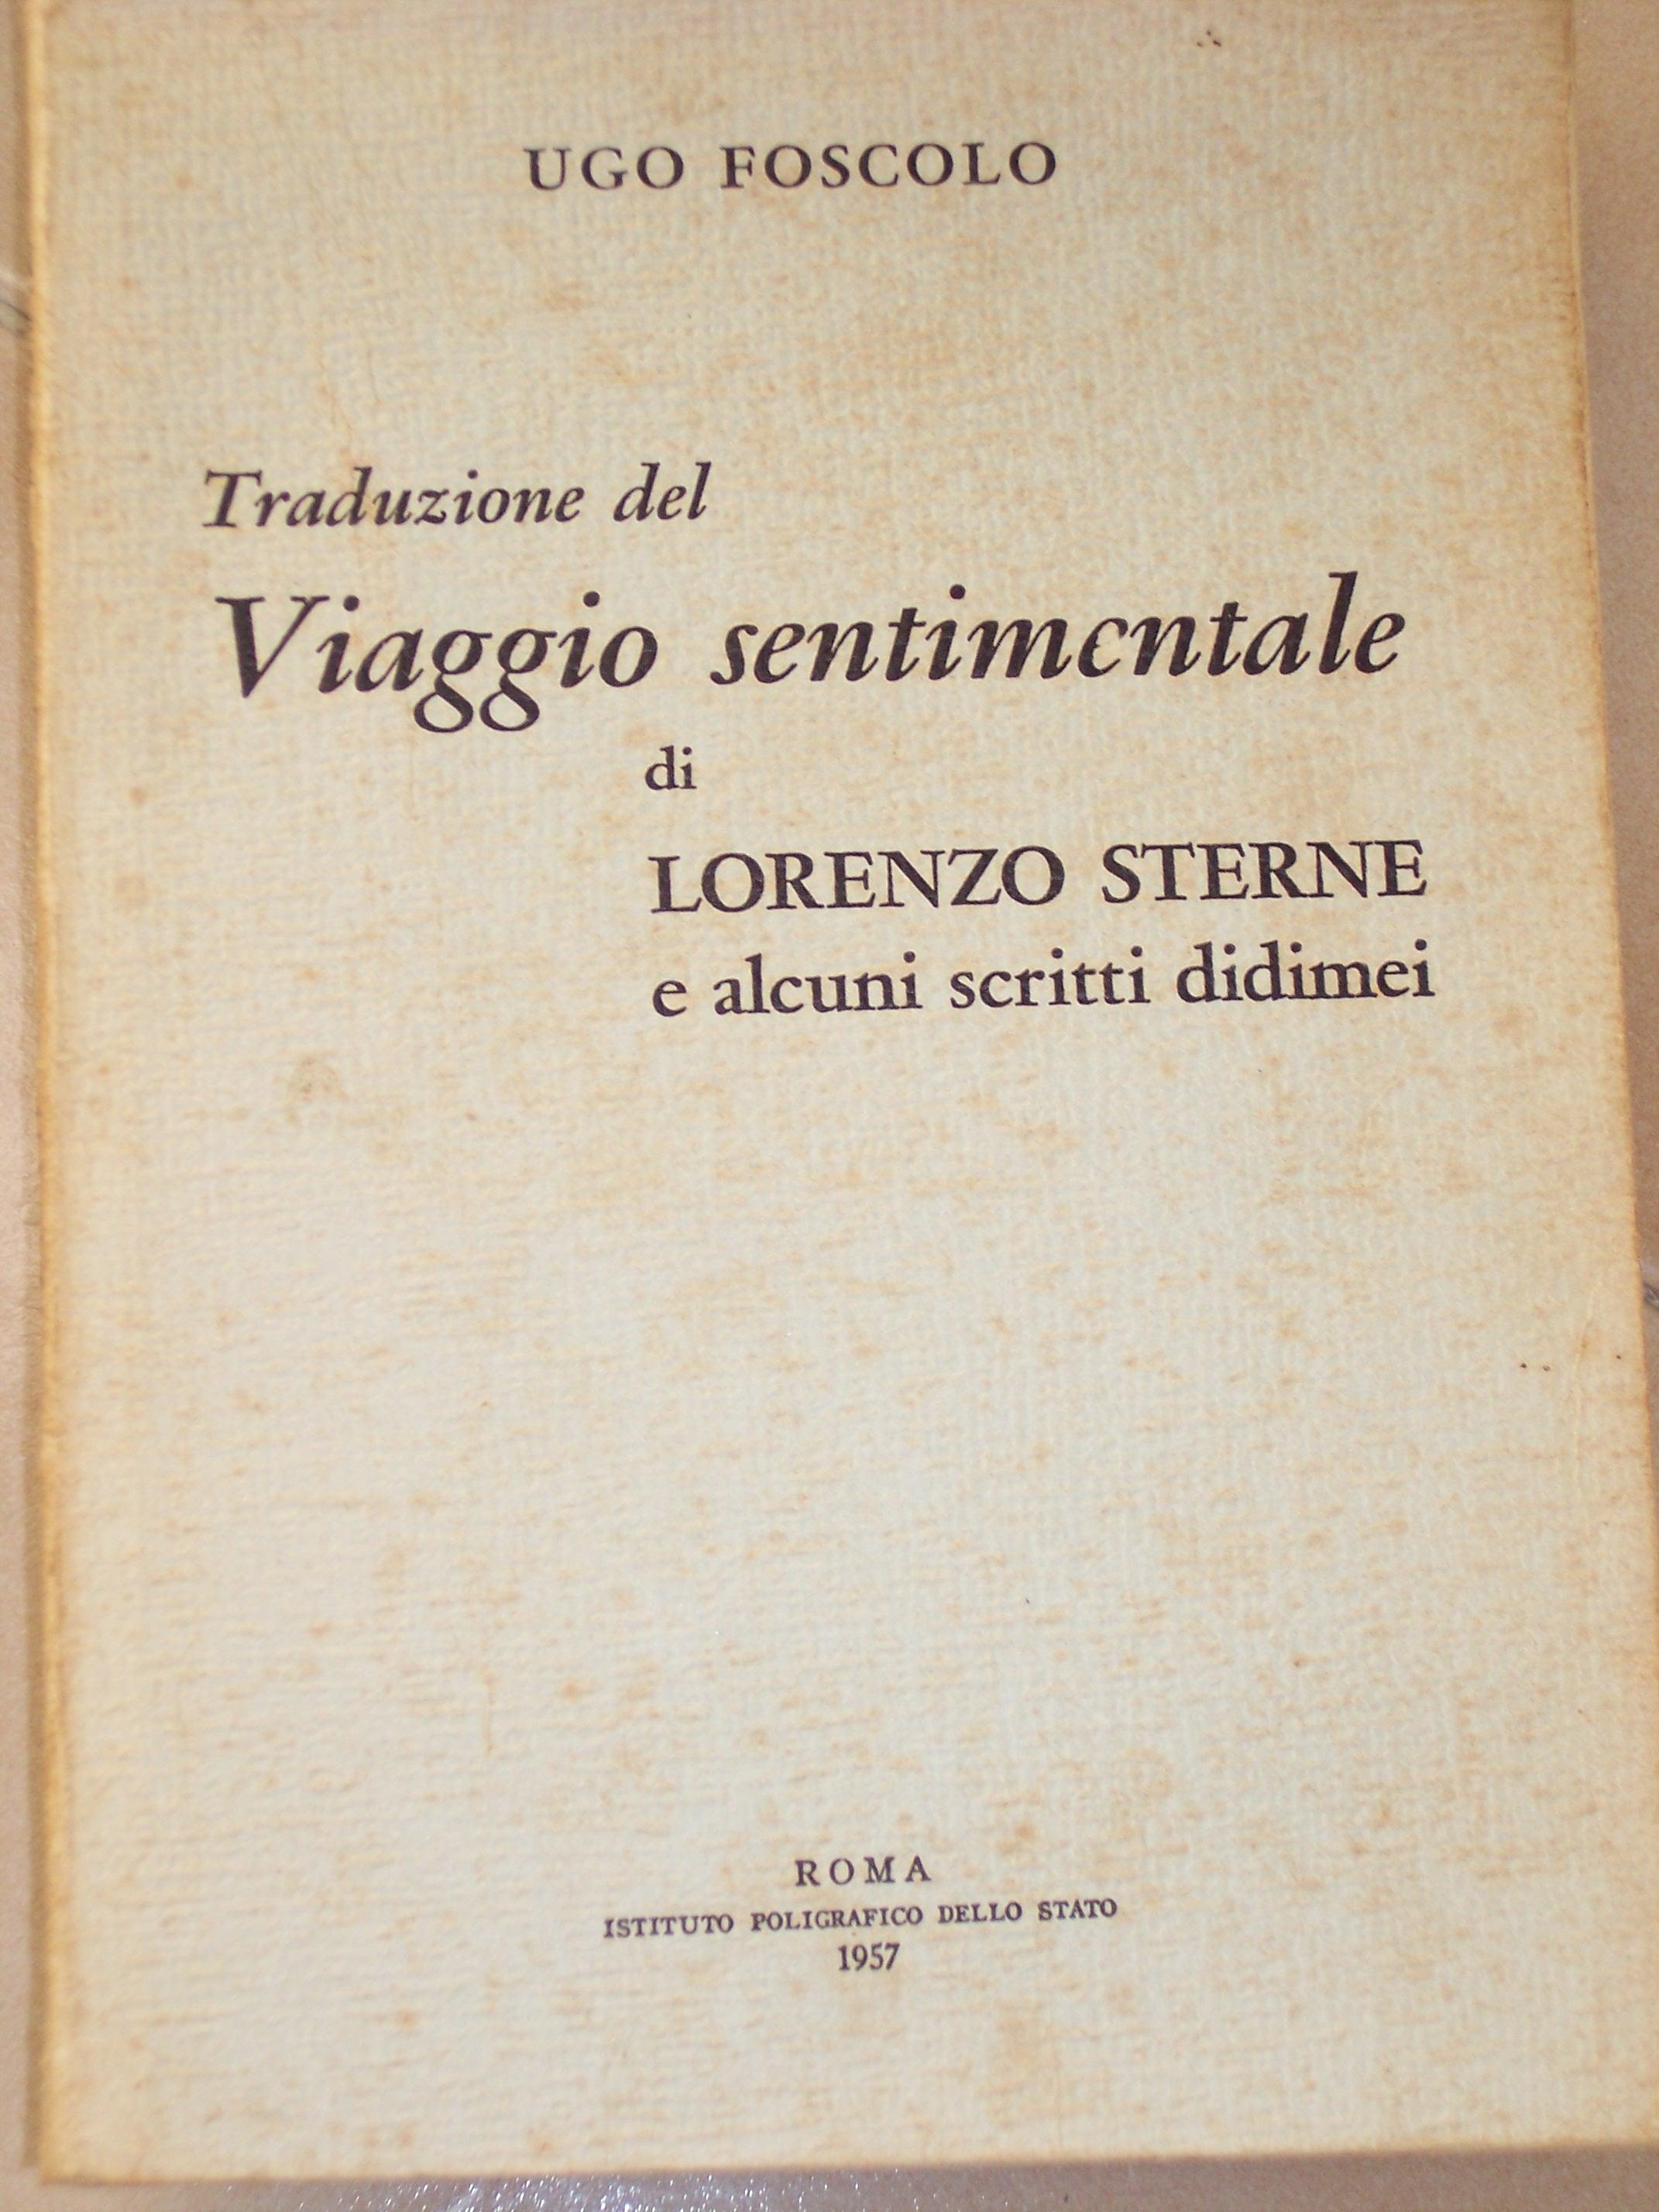 Traduzione del viaggio sentimentale di Lorenzo Sterne e alcuni scritti didimei